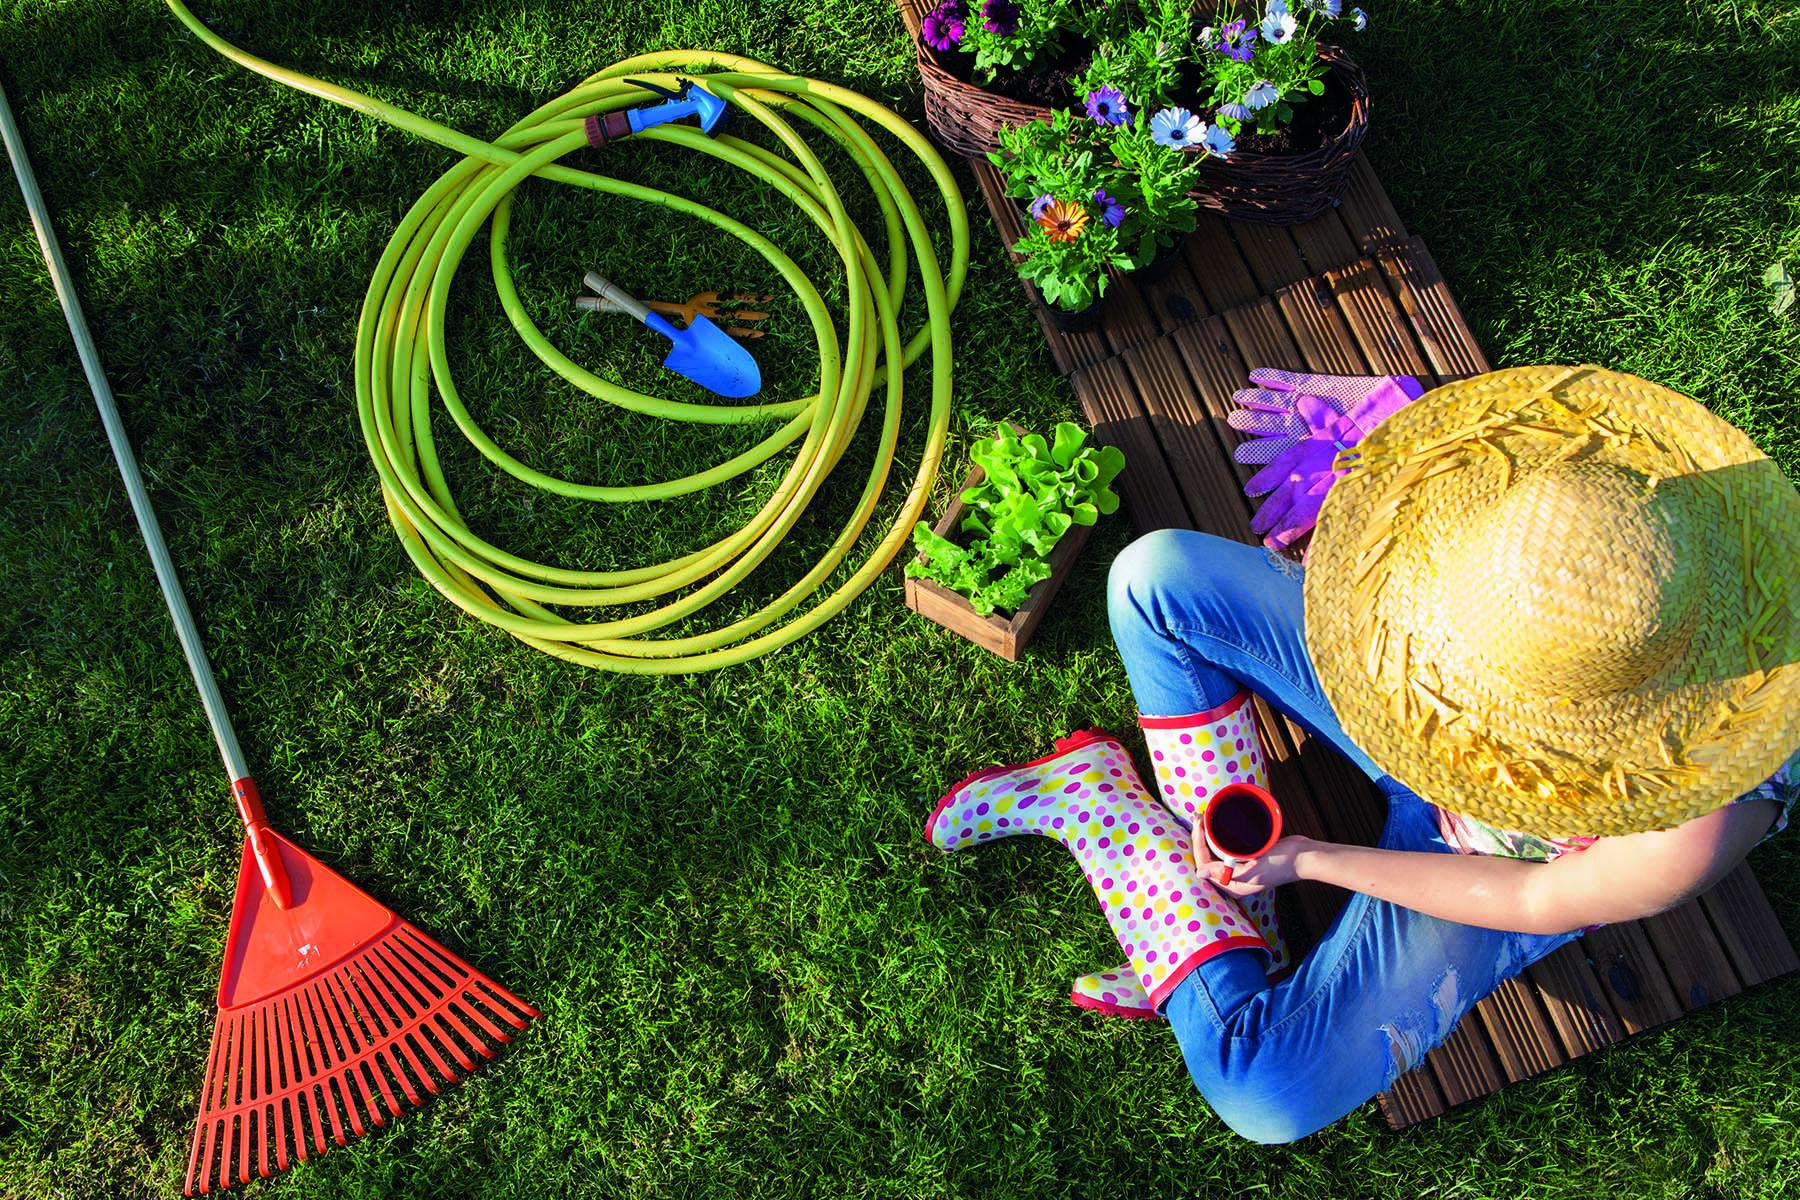 Kvinna pausar i sitt trädgårdsarbete